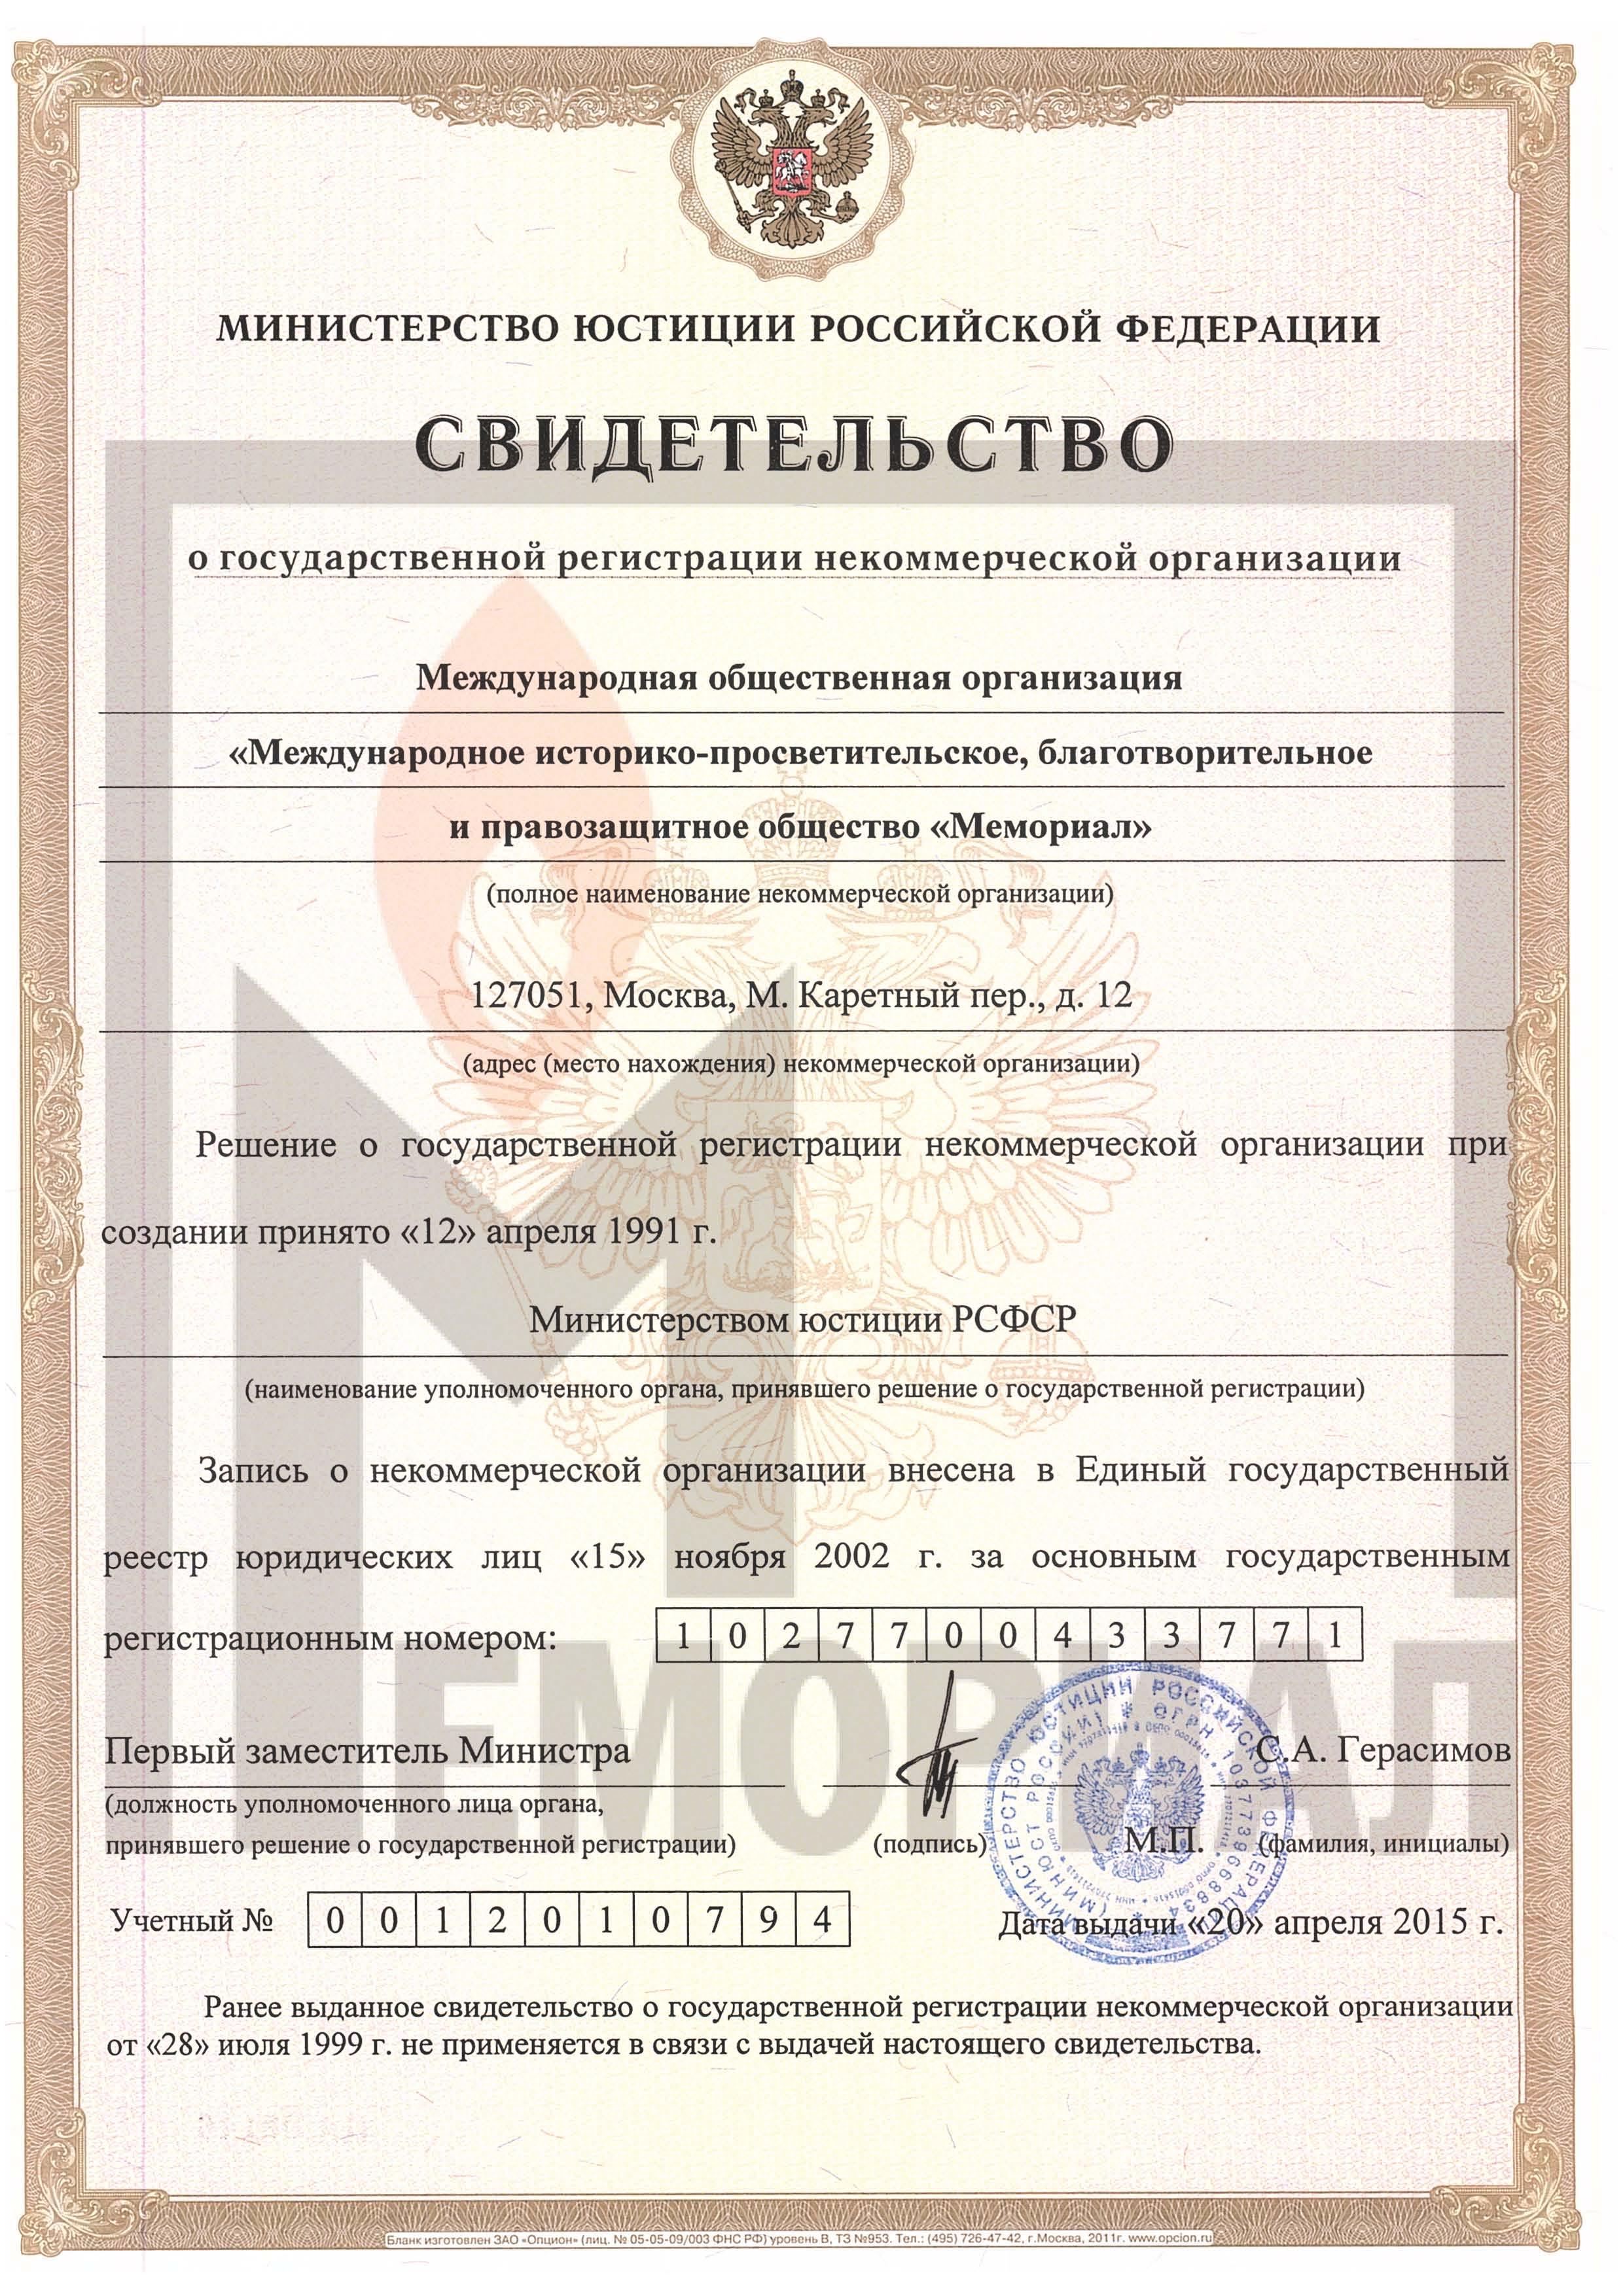 устав некоммерческой организации правозащитного центра